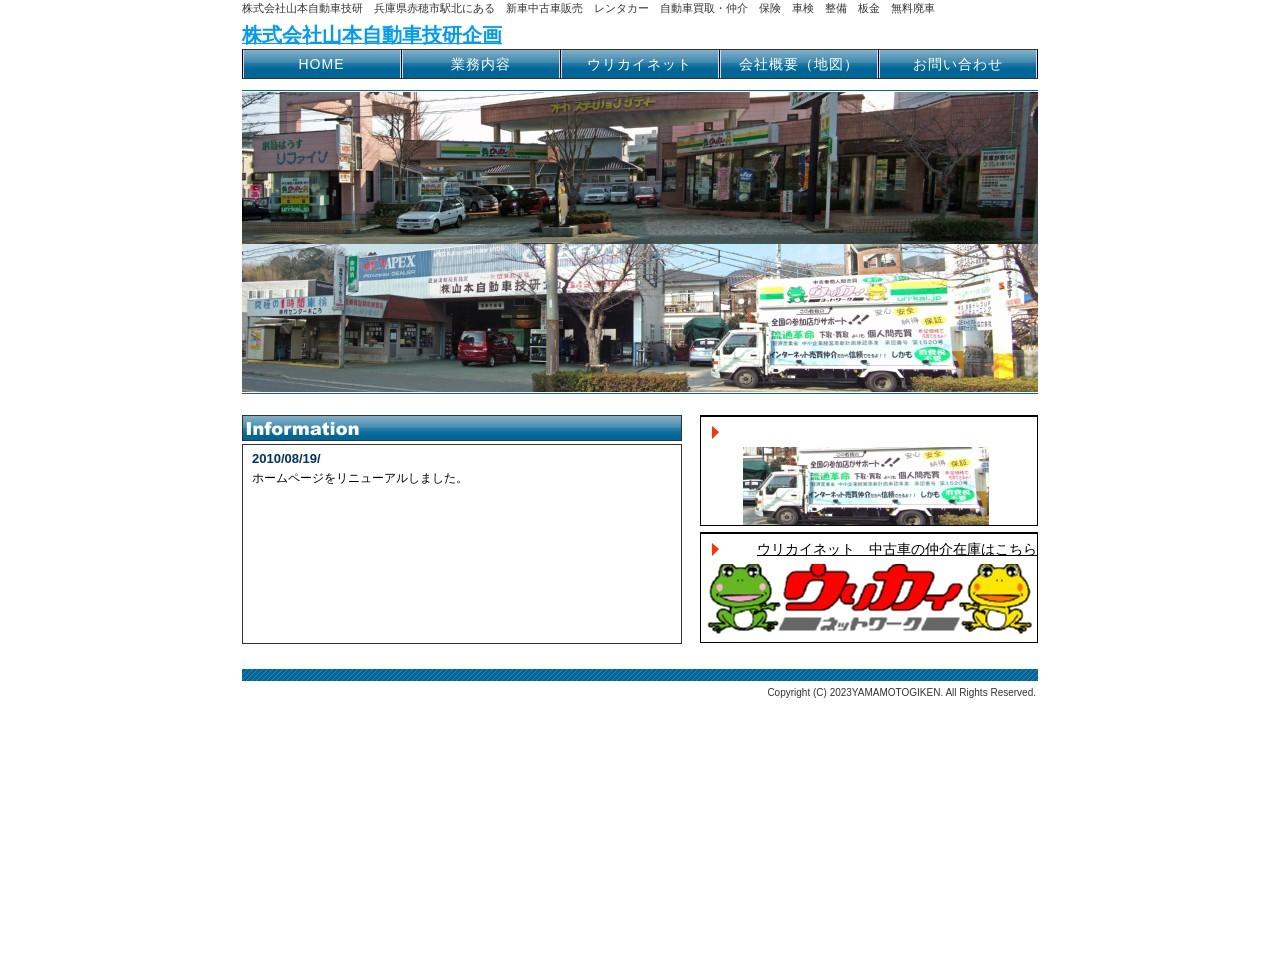 株式会社山本自動車技研企画